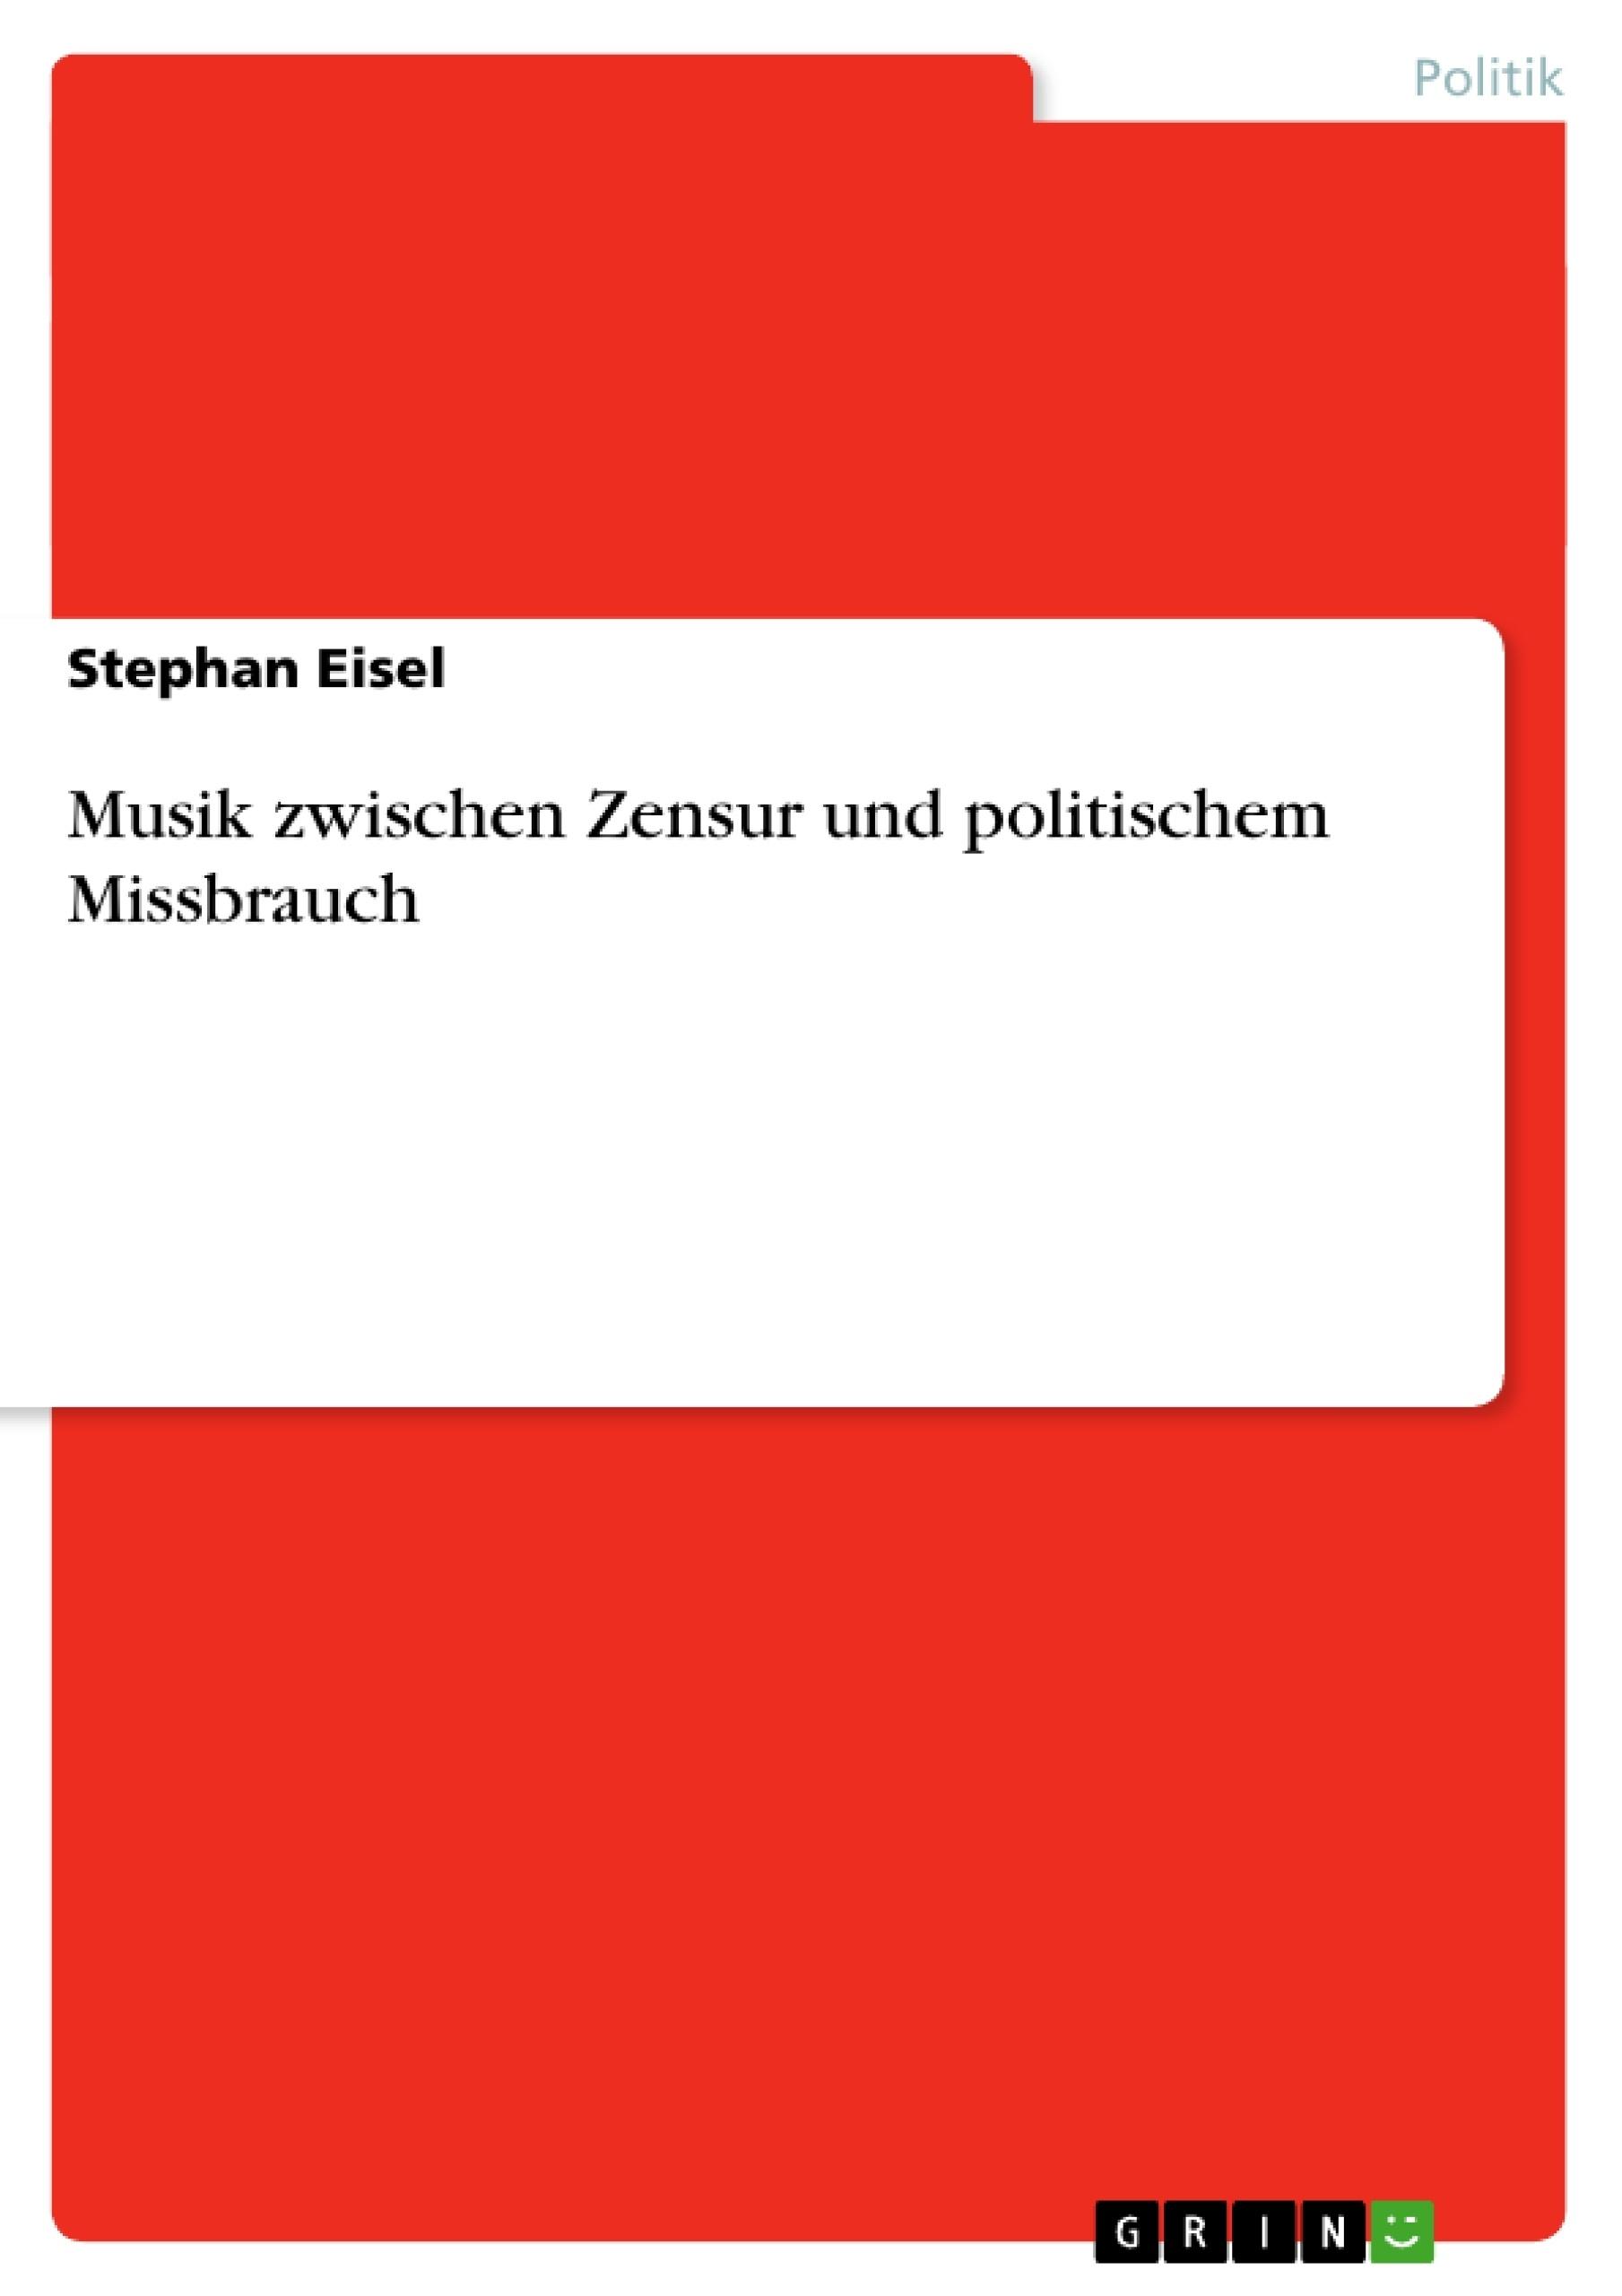 Titre: Musik zwischen Zensur und politischem Missbrauch